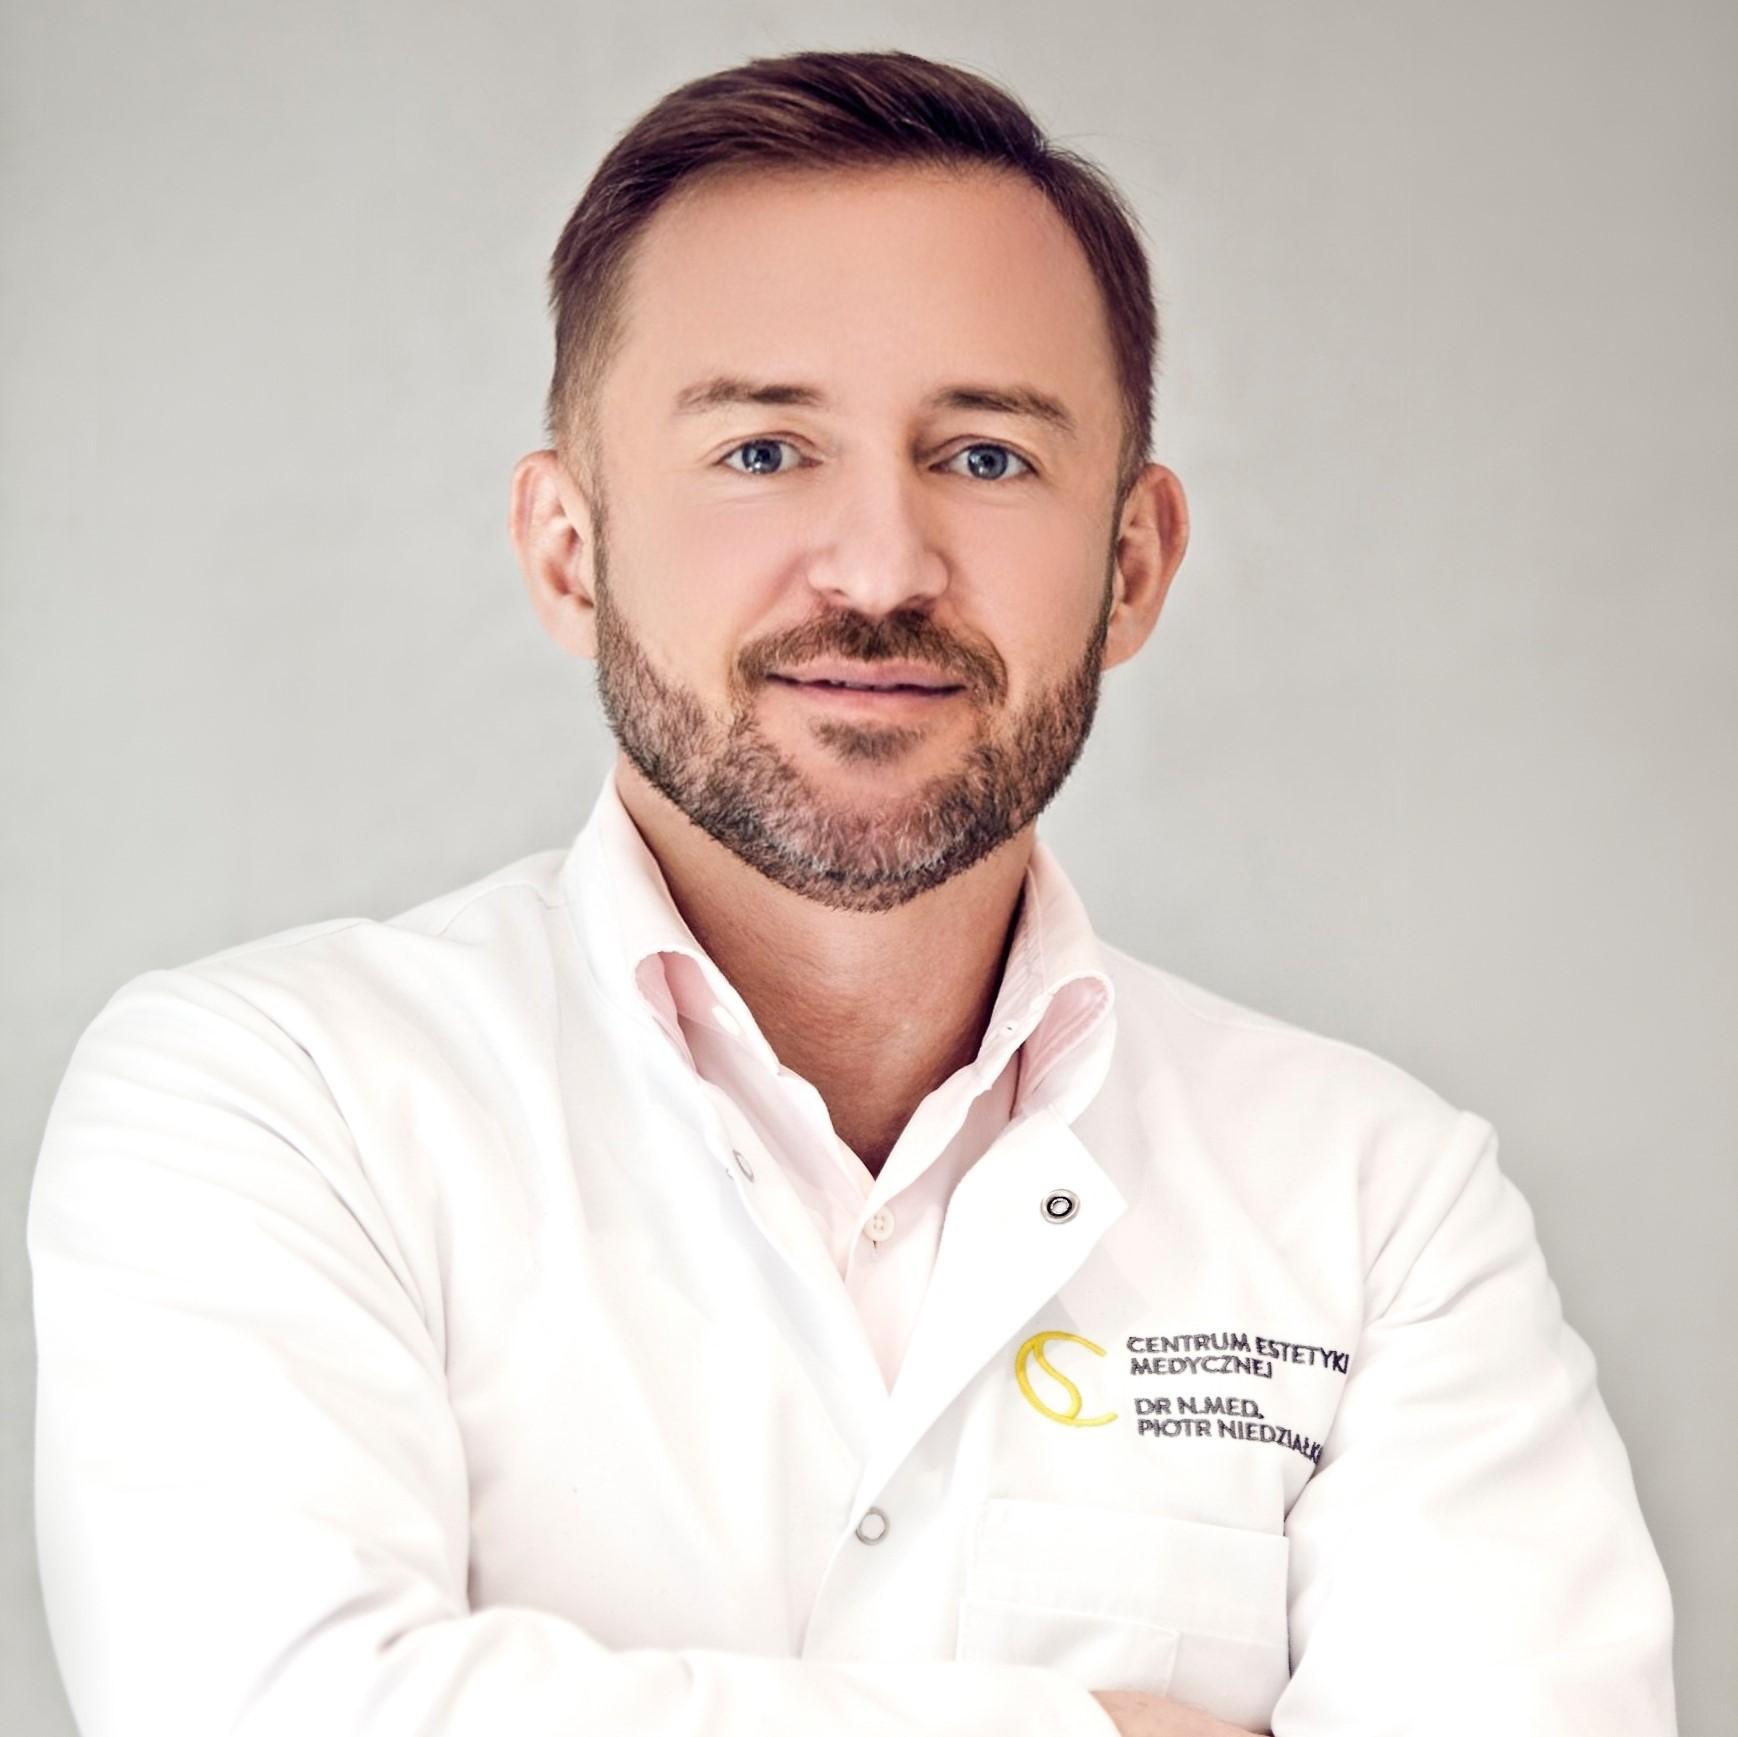 Piotr Niedziałkowski